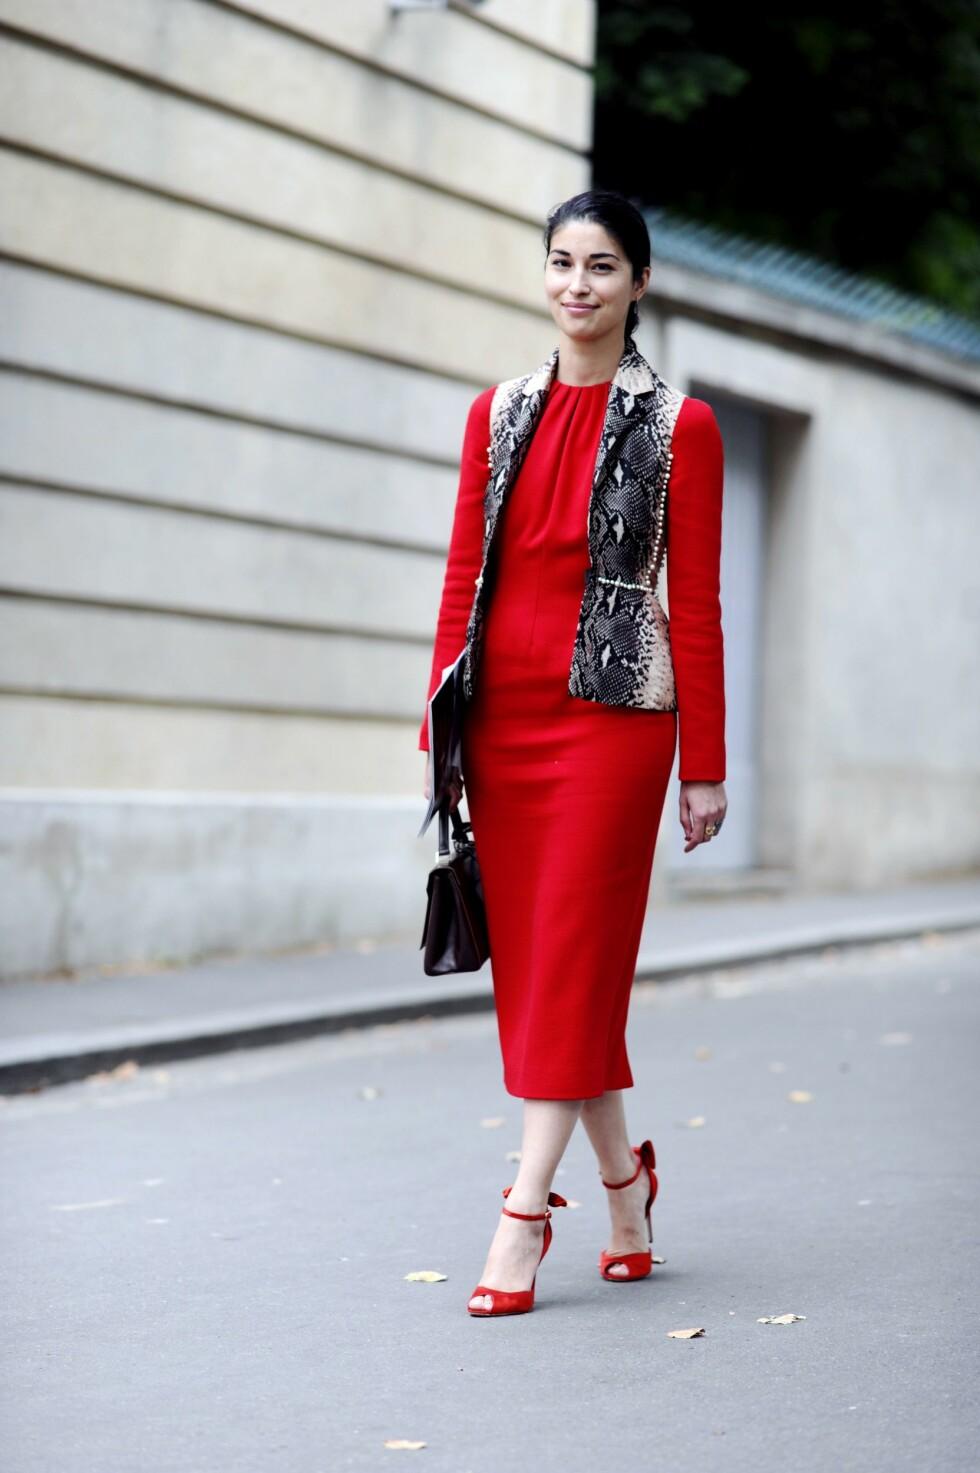 TIL FESTSESONGEN: Det er lite som passer like godt til festsesongen som en lekker rød kjole.  Foto: All Over